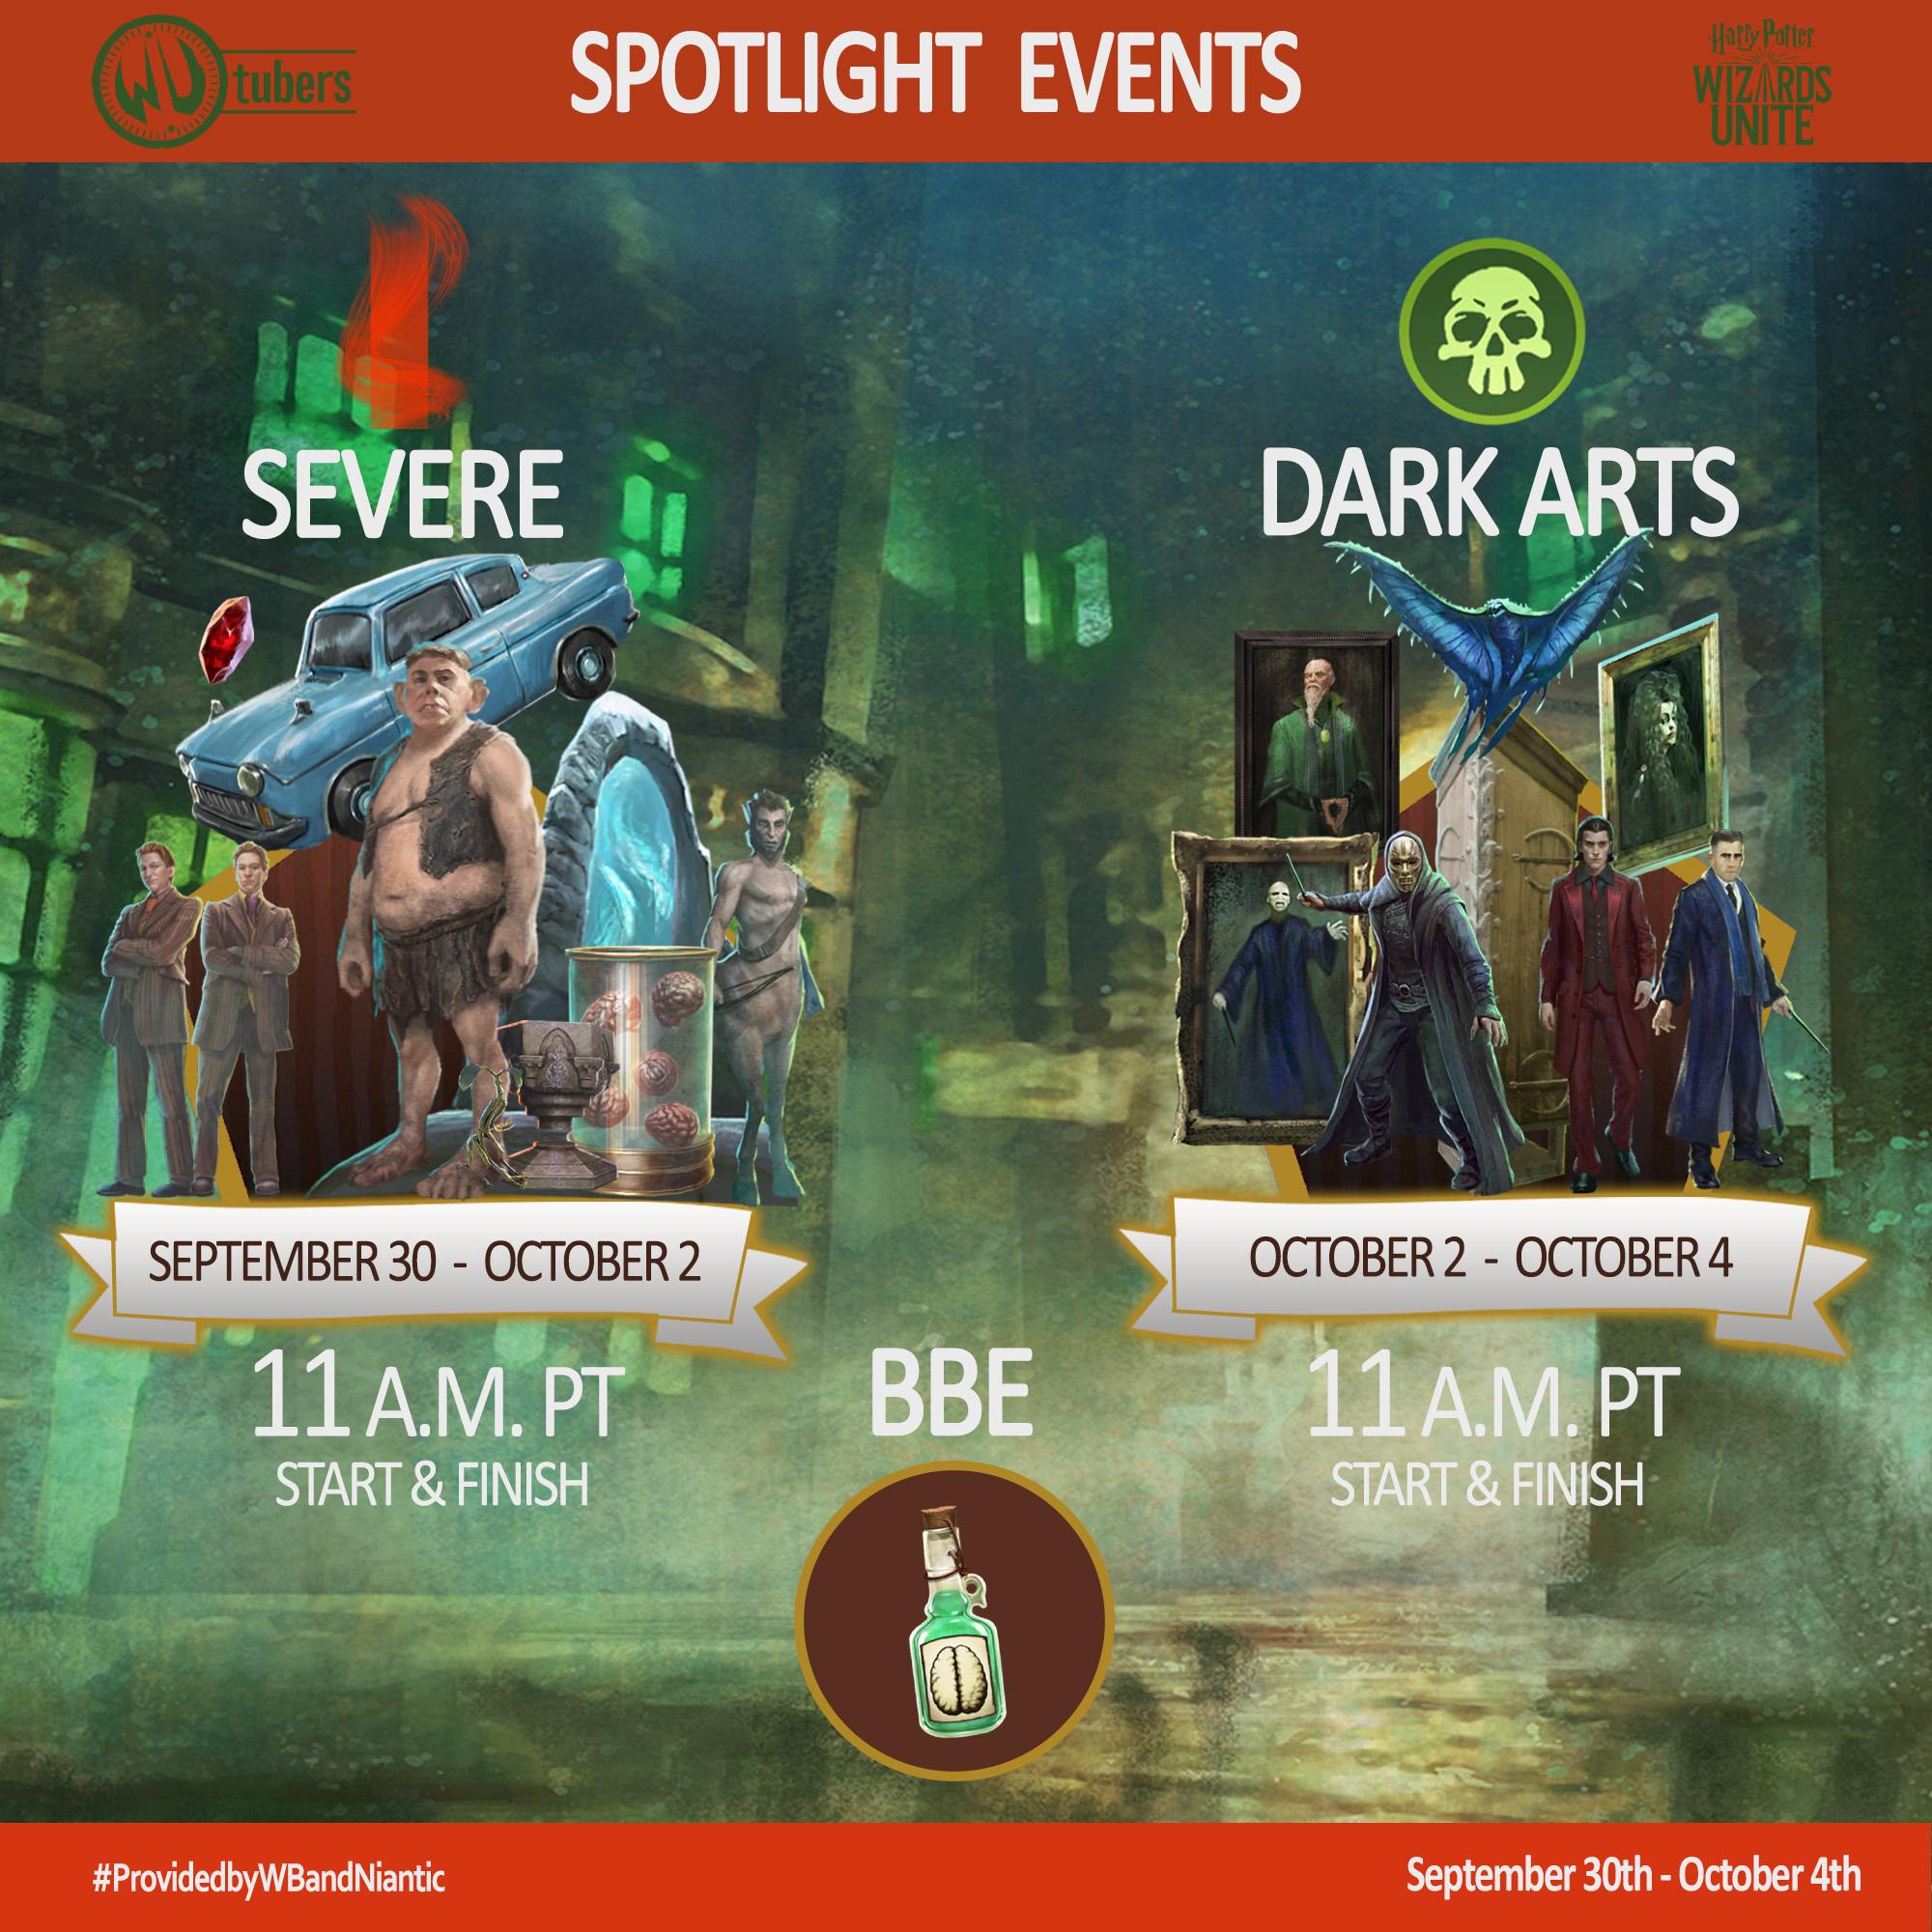 Severe__Dark_Arts_SPOTLIGHT_-_Date.jpg